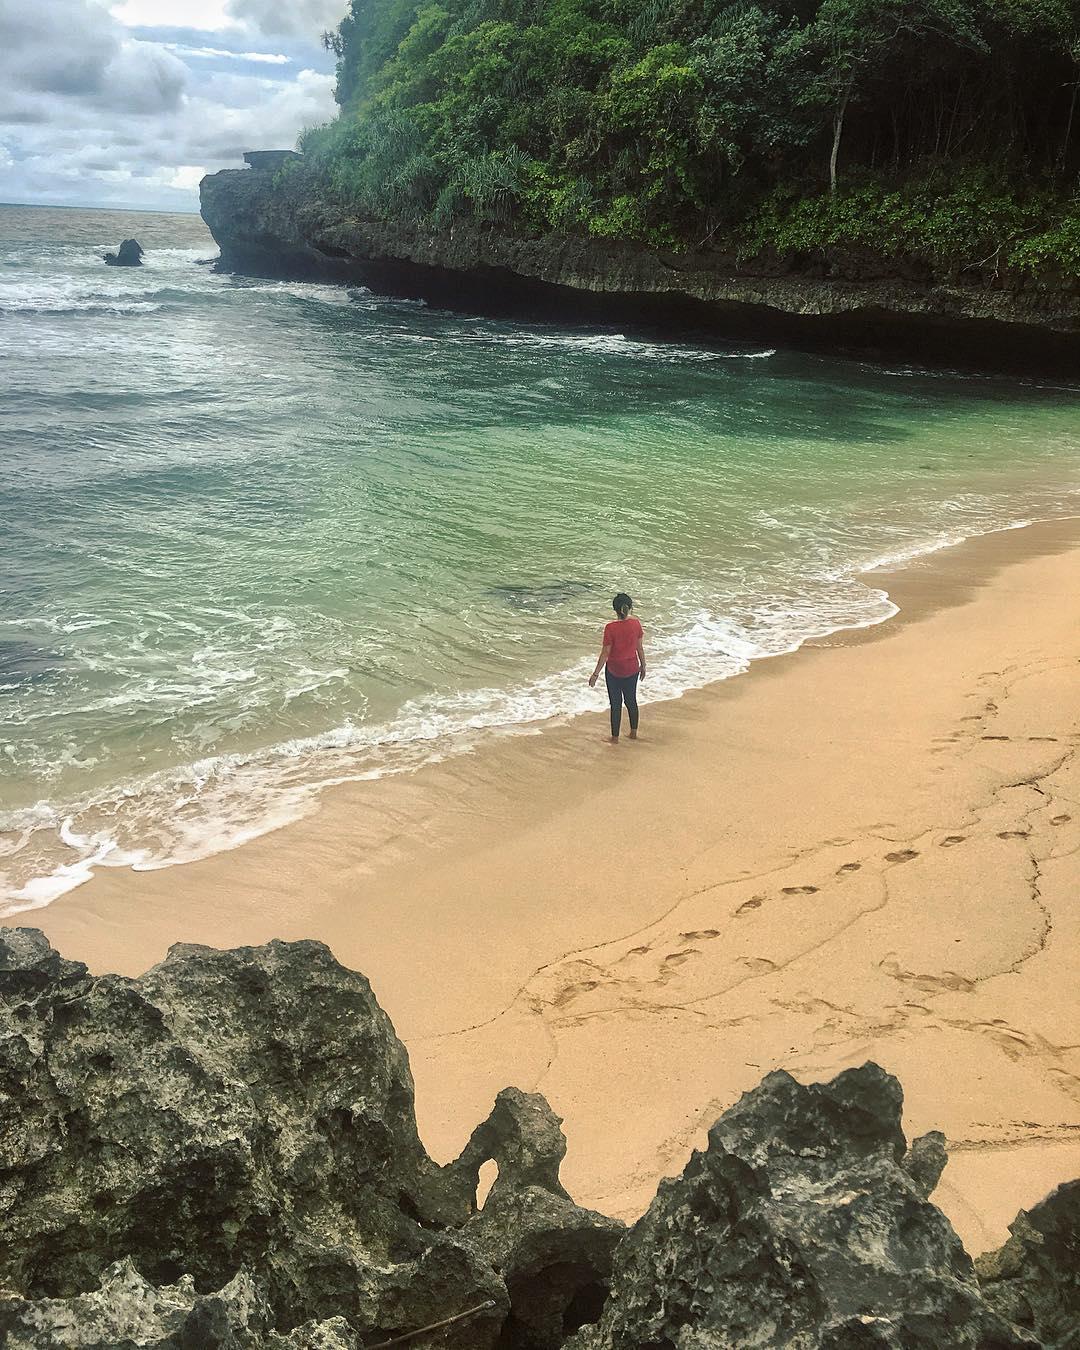 Pantai Ngledakan Ciut Hanya untuk Petualang, Malang, Kabupaten Malang, Dolan Dolen, Dolaners Pantai Ngledakan Ciut Hanya untuk Petualang via mbakprita - Dolan Dolen